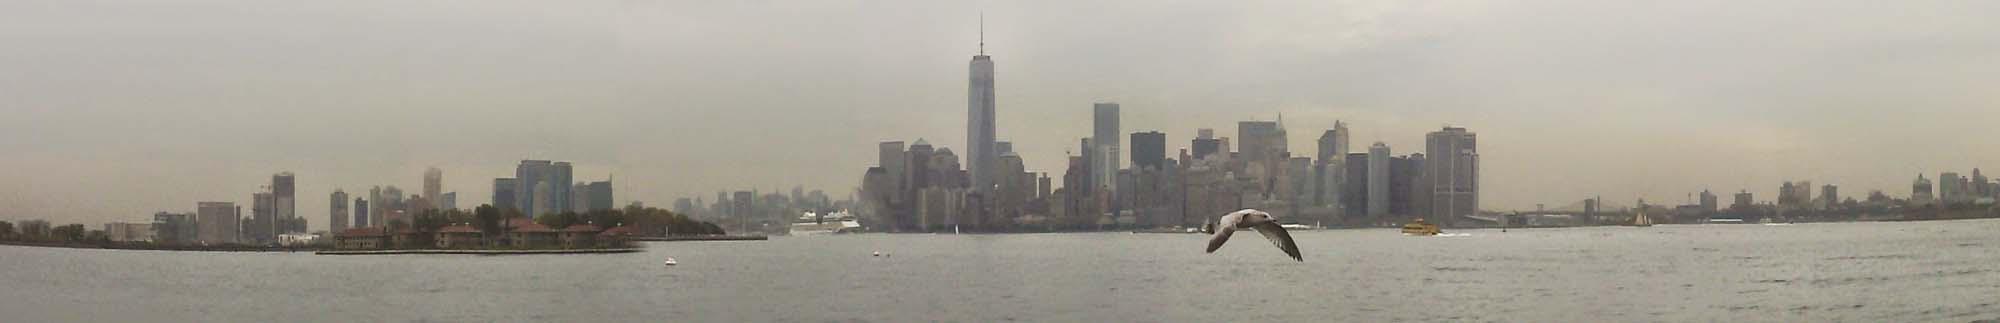 USA, New York, Manhattan, panorama